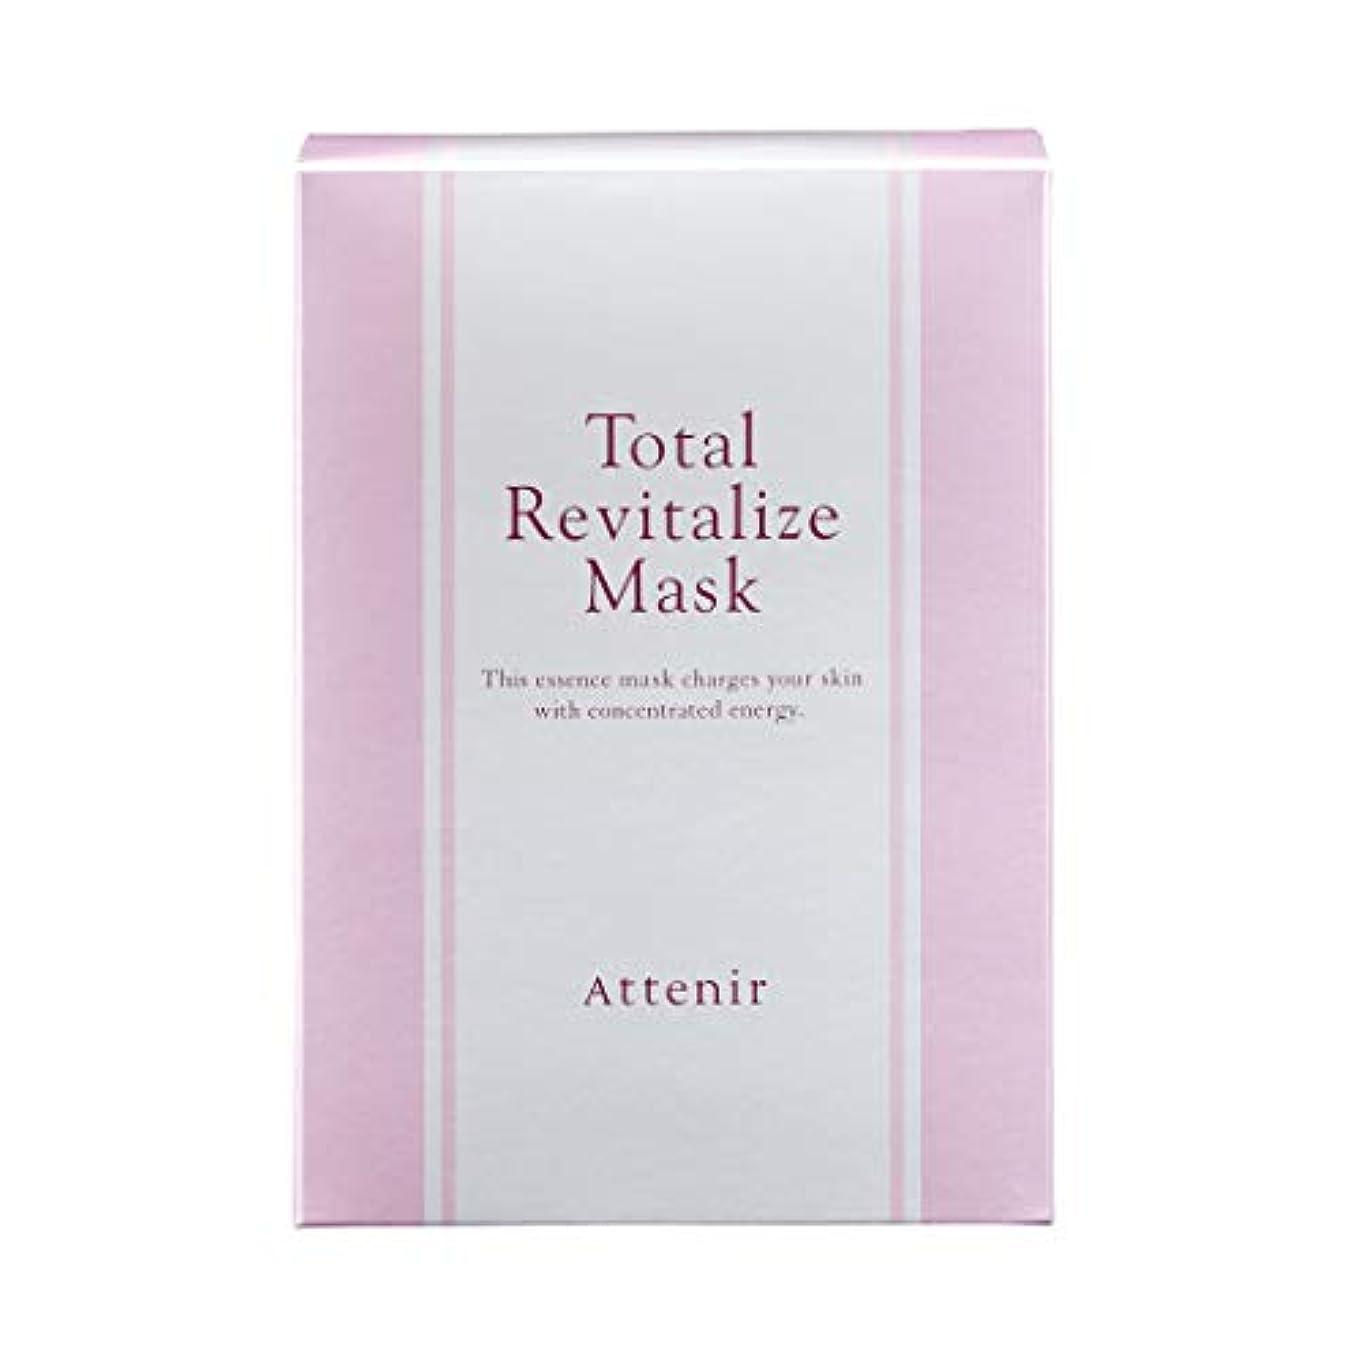 中央罹患率観光に行くアテニア トータルリヴァイタライズ マスク肌疲労ケアシートマスク 全顔用 6包入り フェイスパック